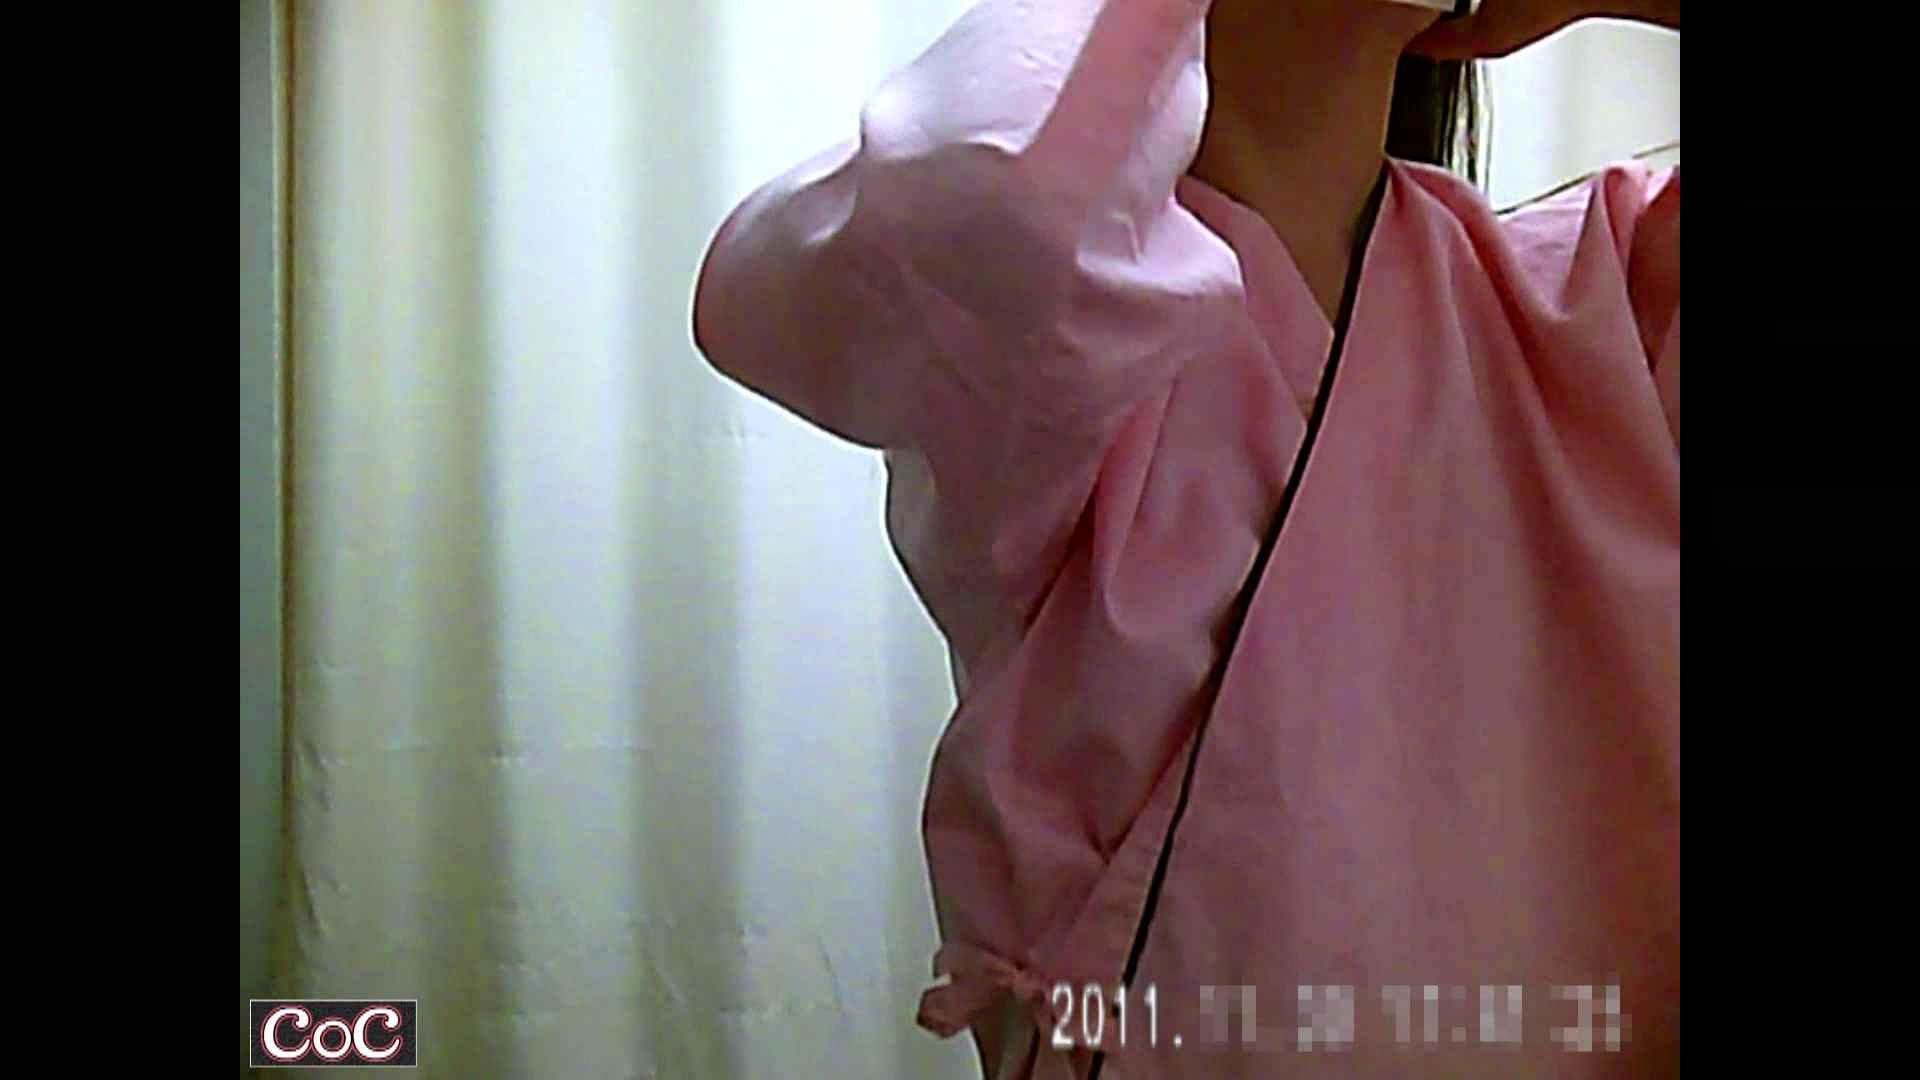 元医者による反抗 更衣室地獄絵巻 vol.190 OLハメ撮り  35Pix 32